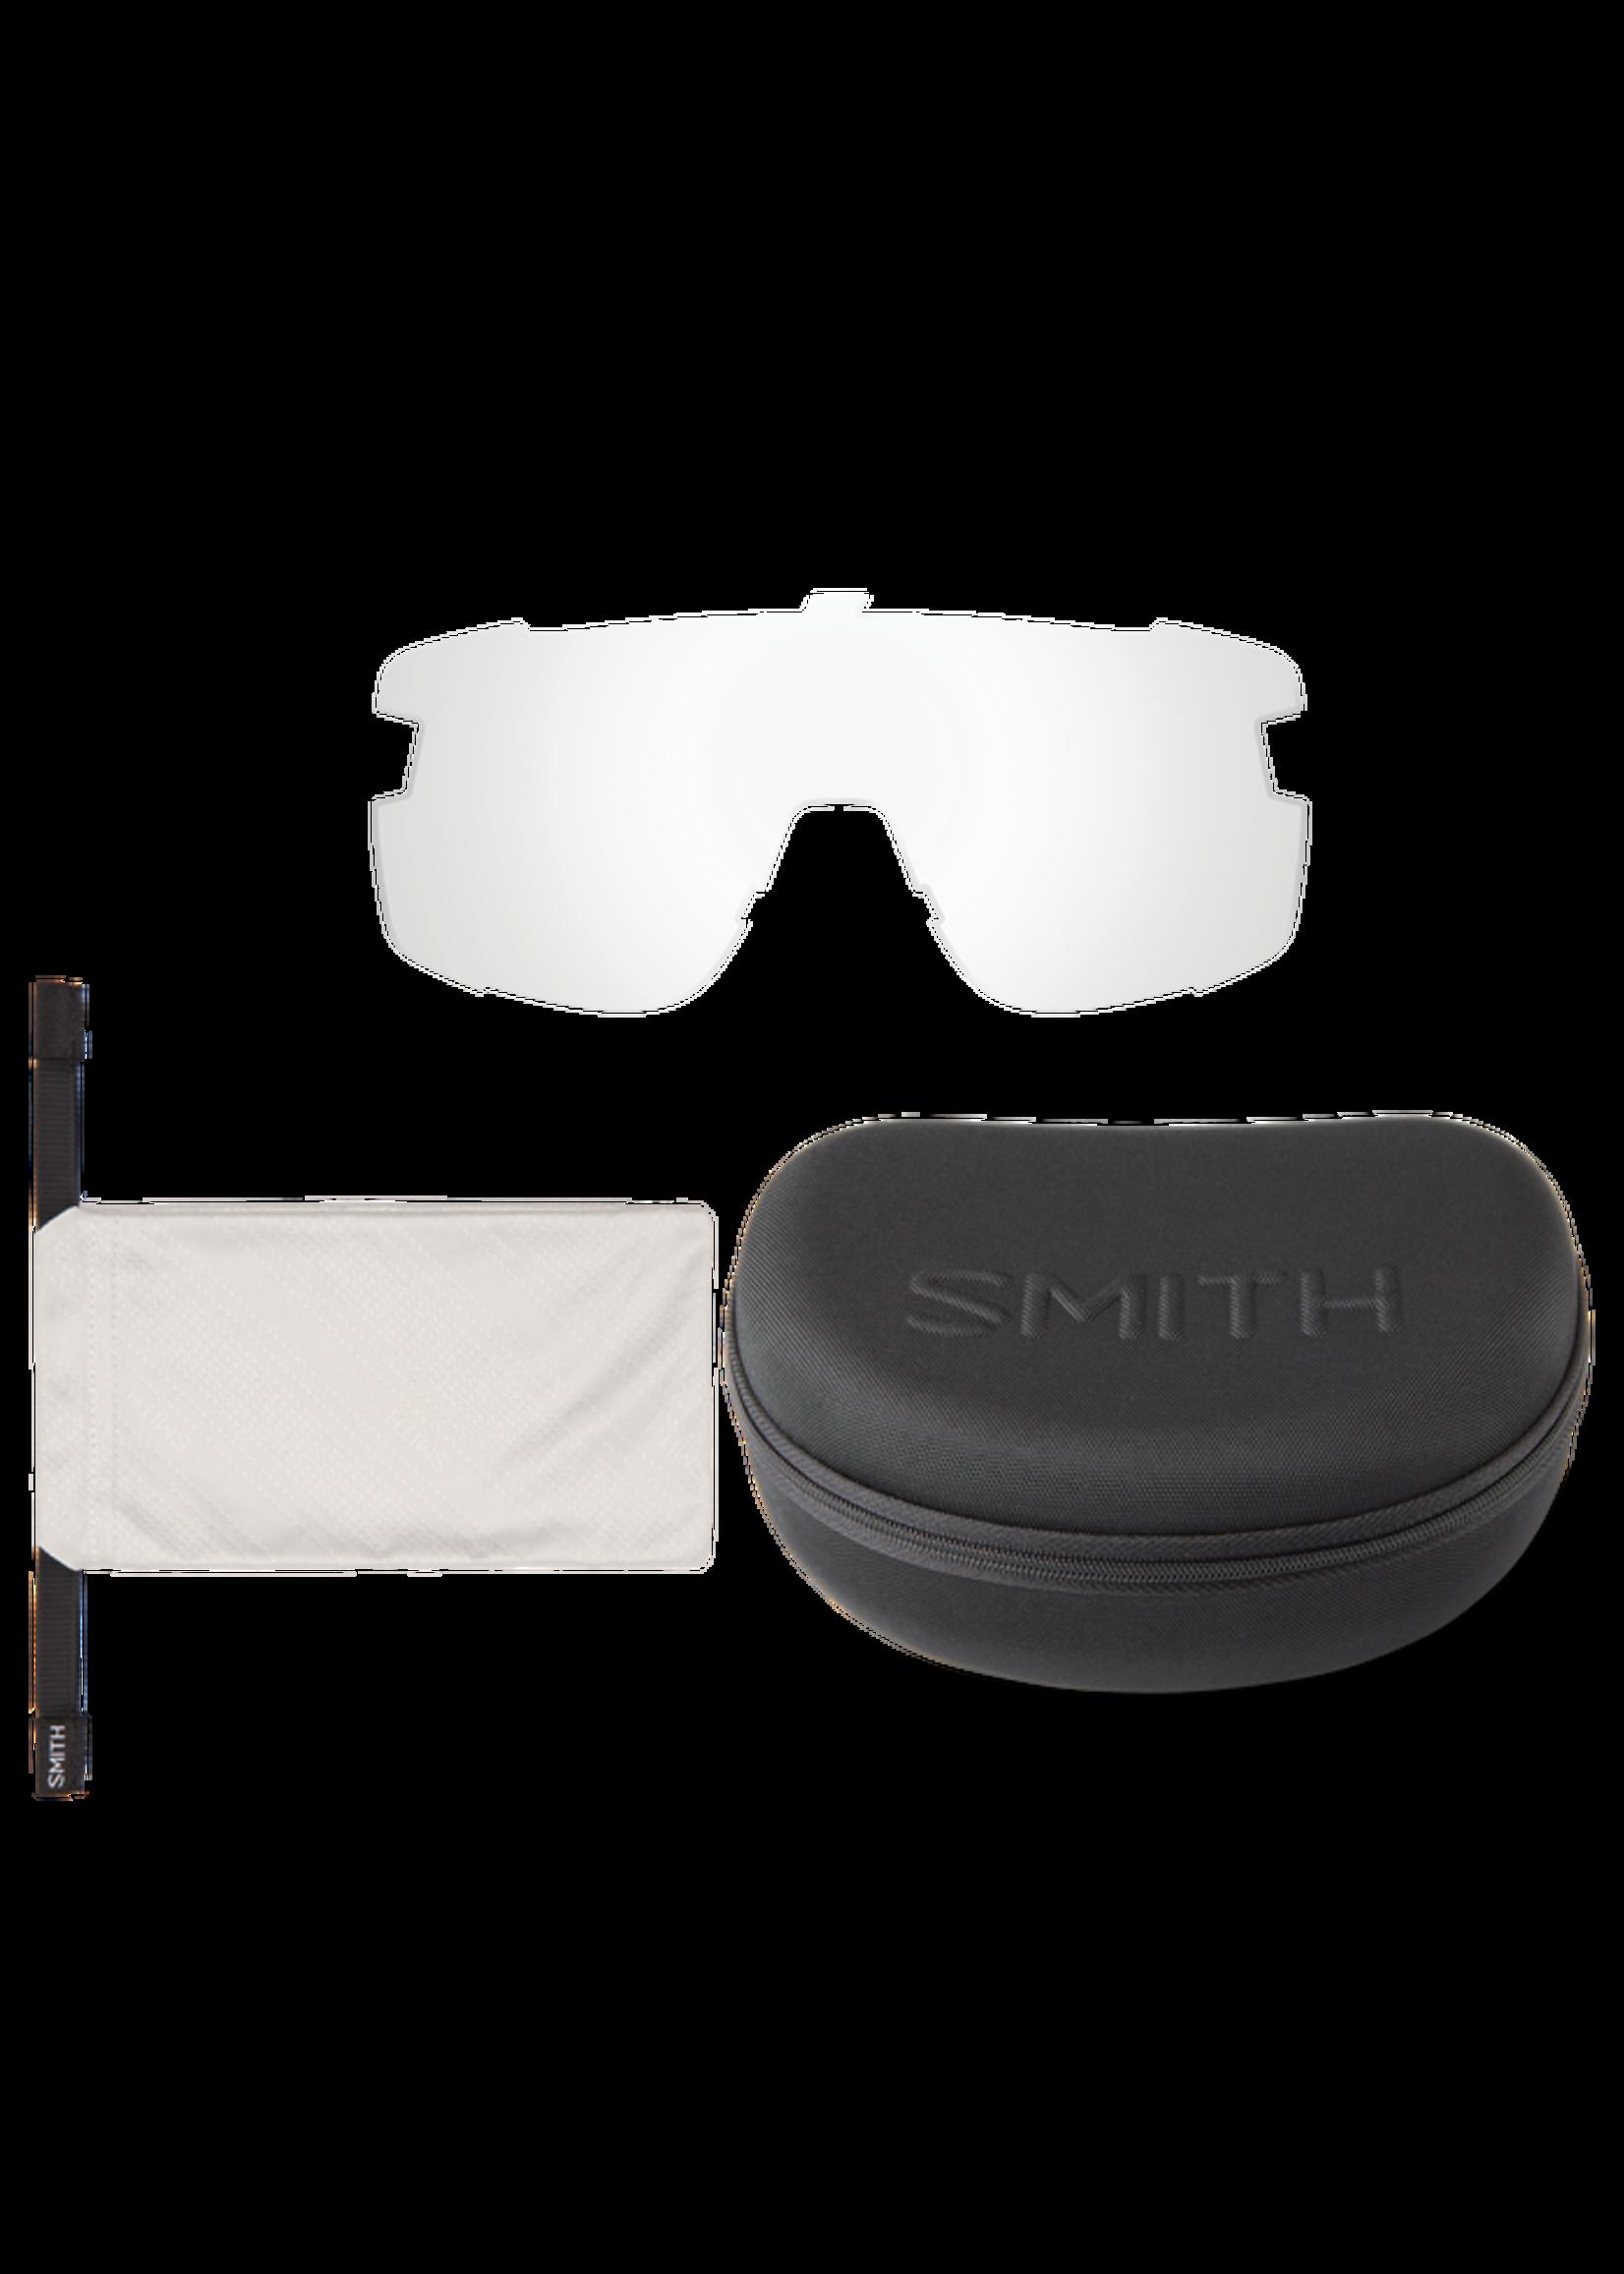 Smith Optics SMITH WILDCAT NOIR MAT CHROMAPOP OBSCURITÉ